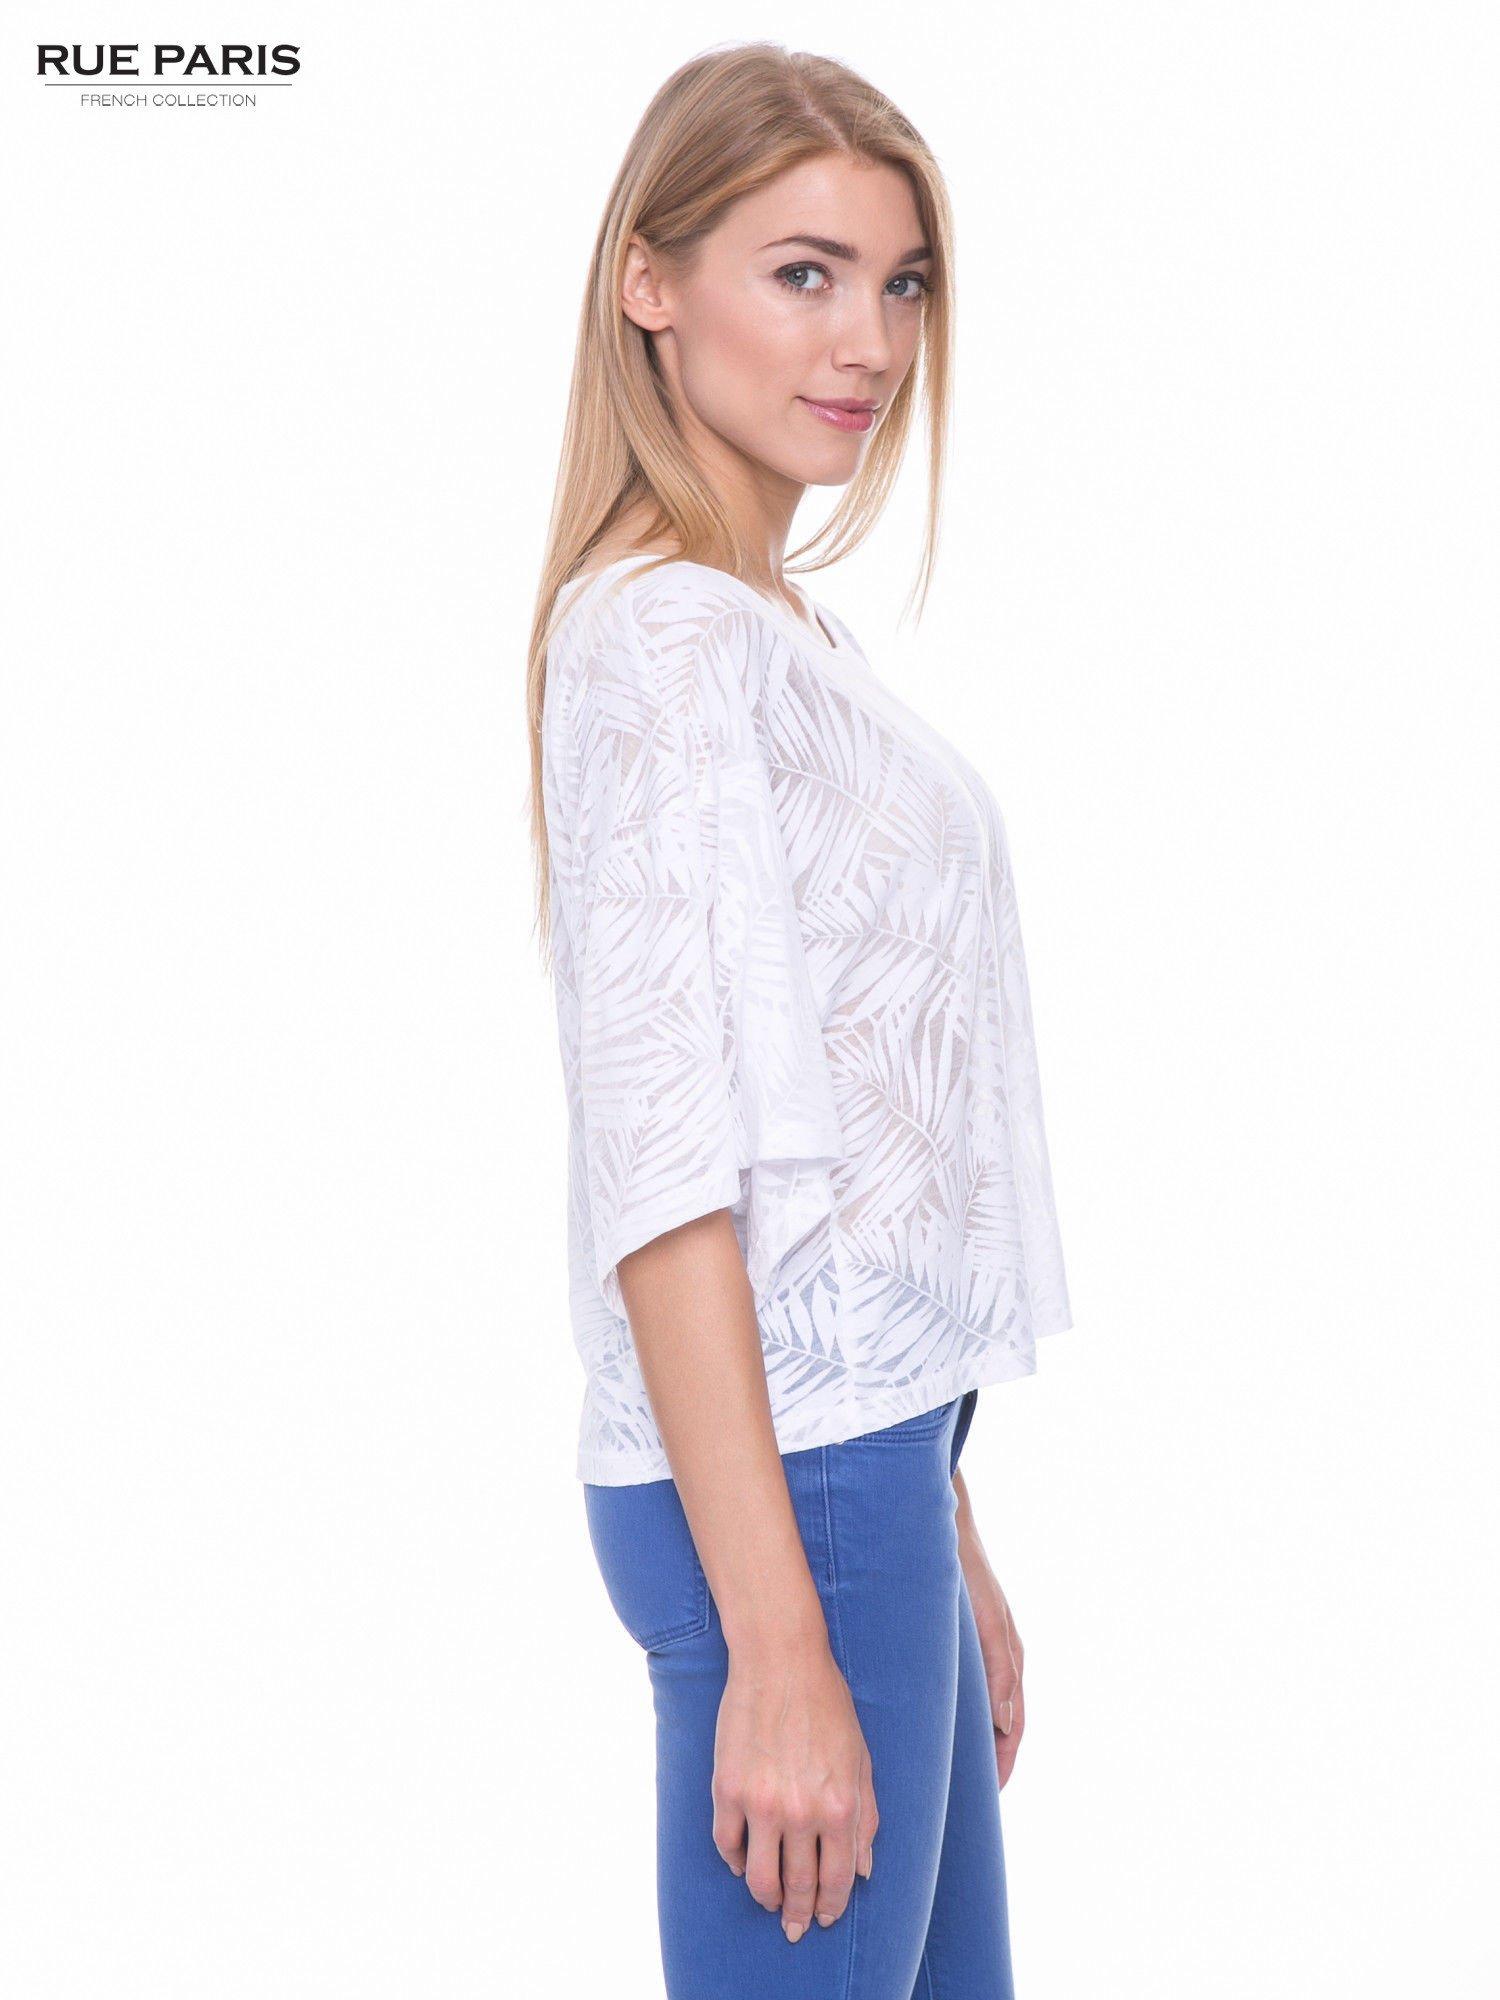 Biały t-shirt w transparentny nadruk palm o kimonowym kroju                                  zdj.                                  2